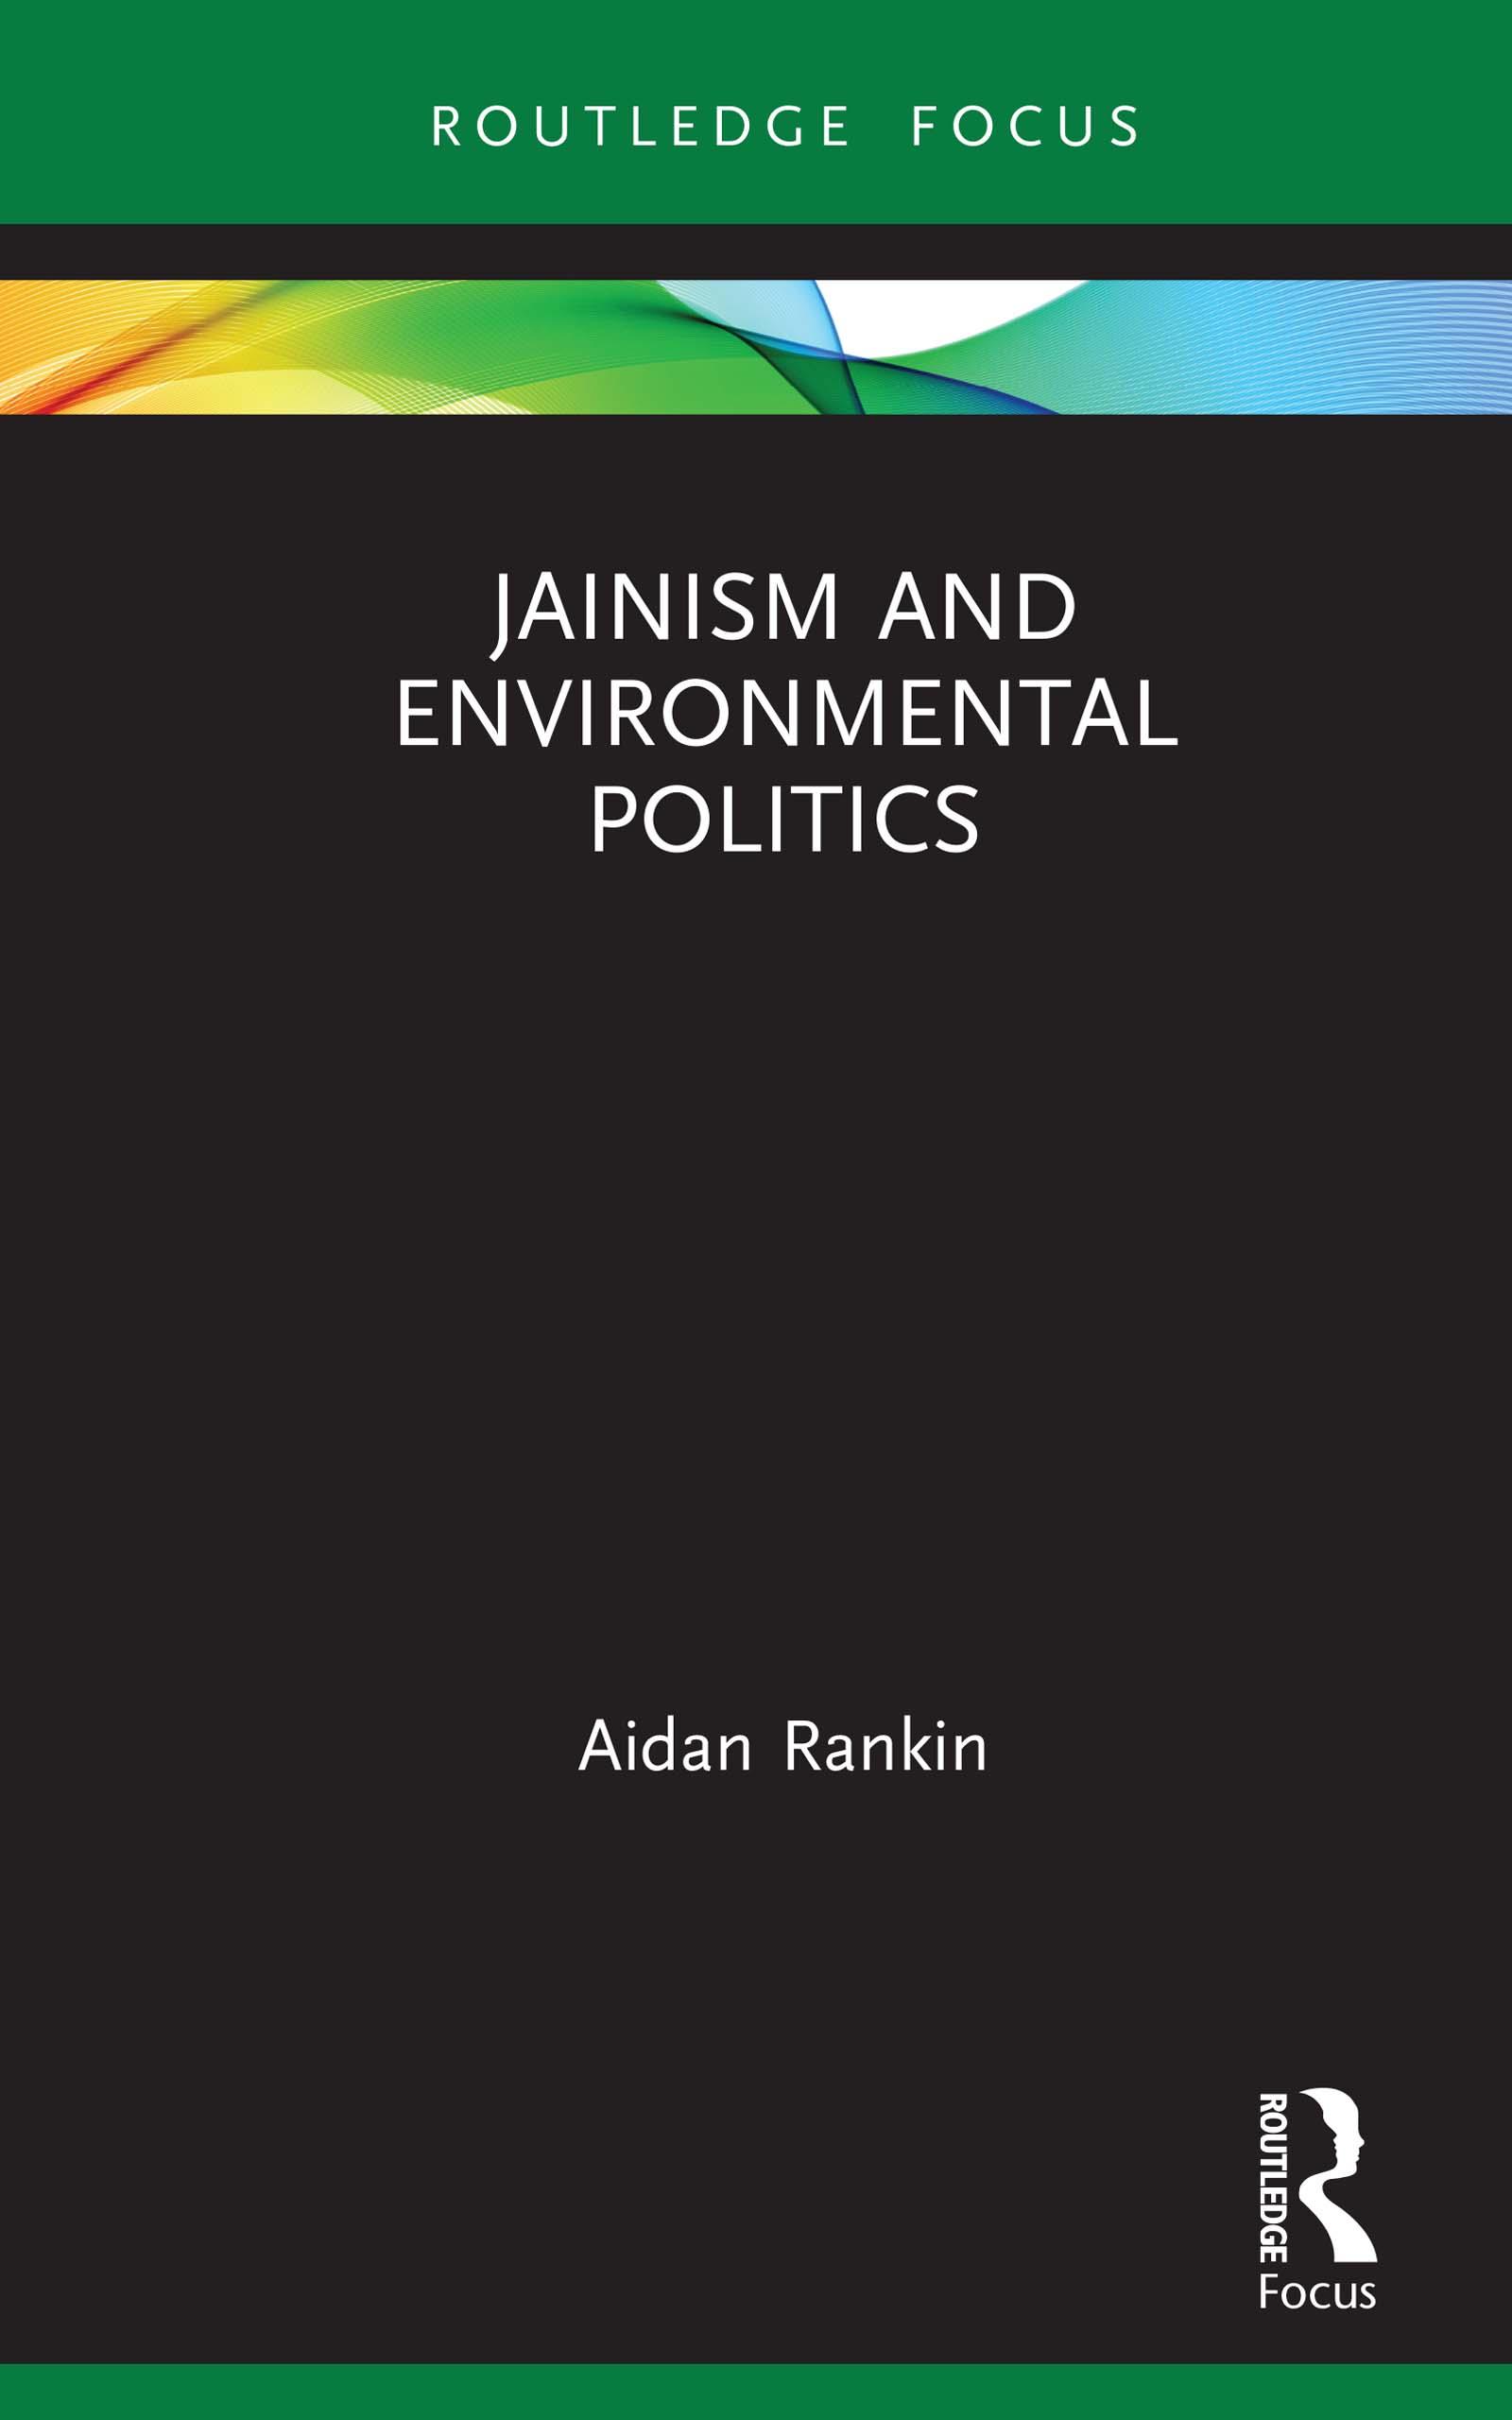 Jainism and Environmental Politics book cover